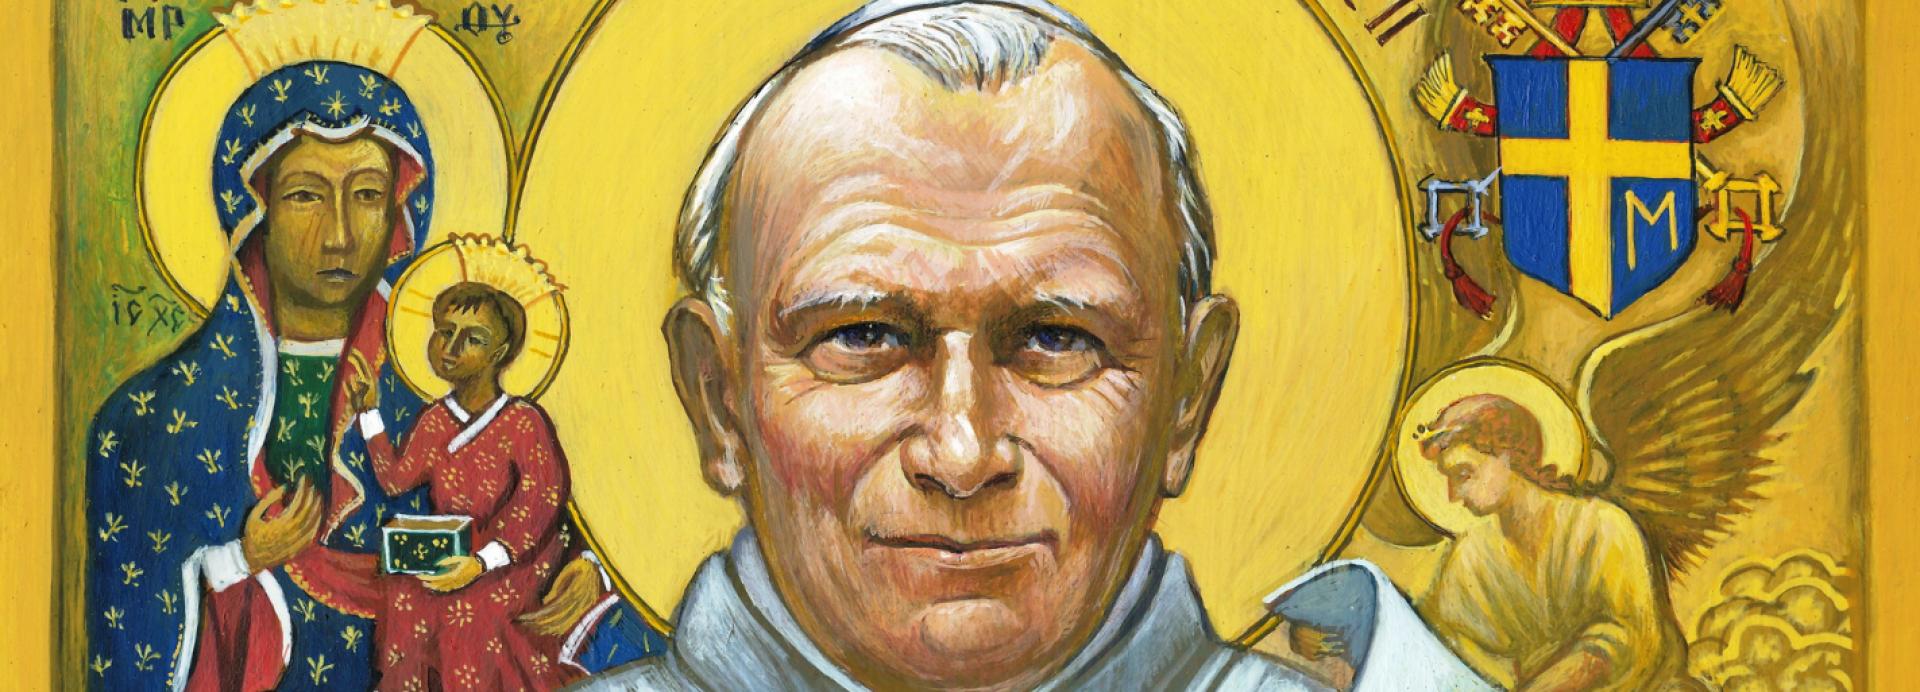 Ikona - Jan Paweł II błogosławi